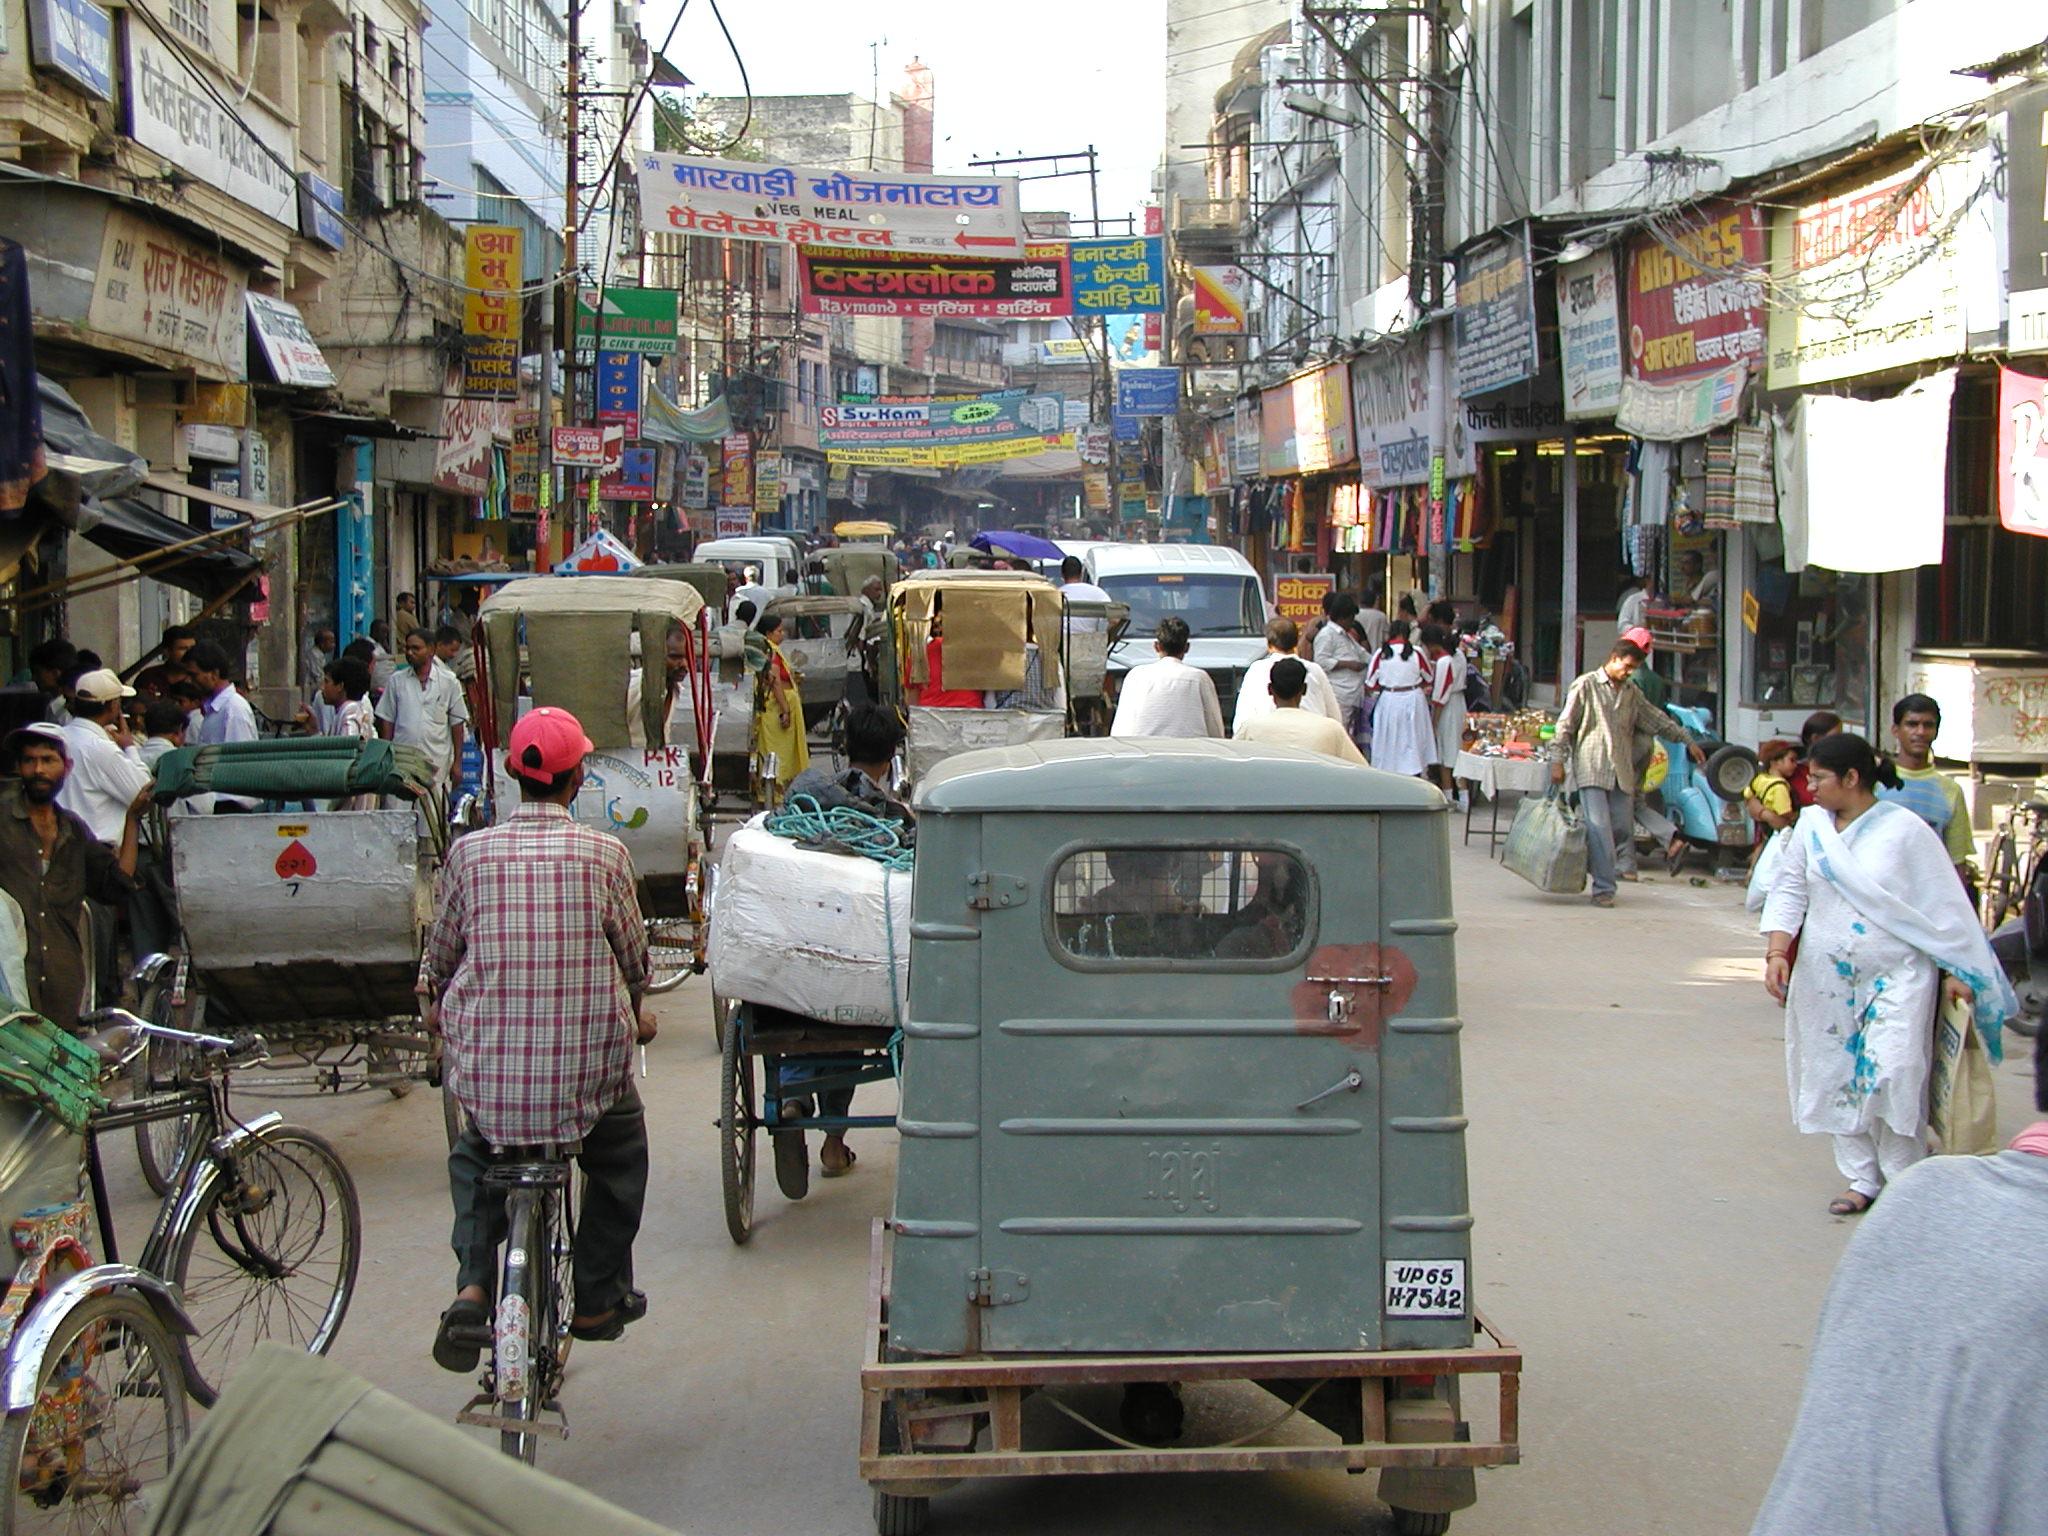 A busy street in Varanasi